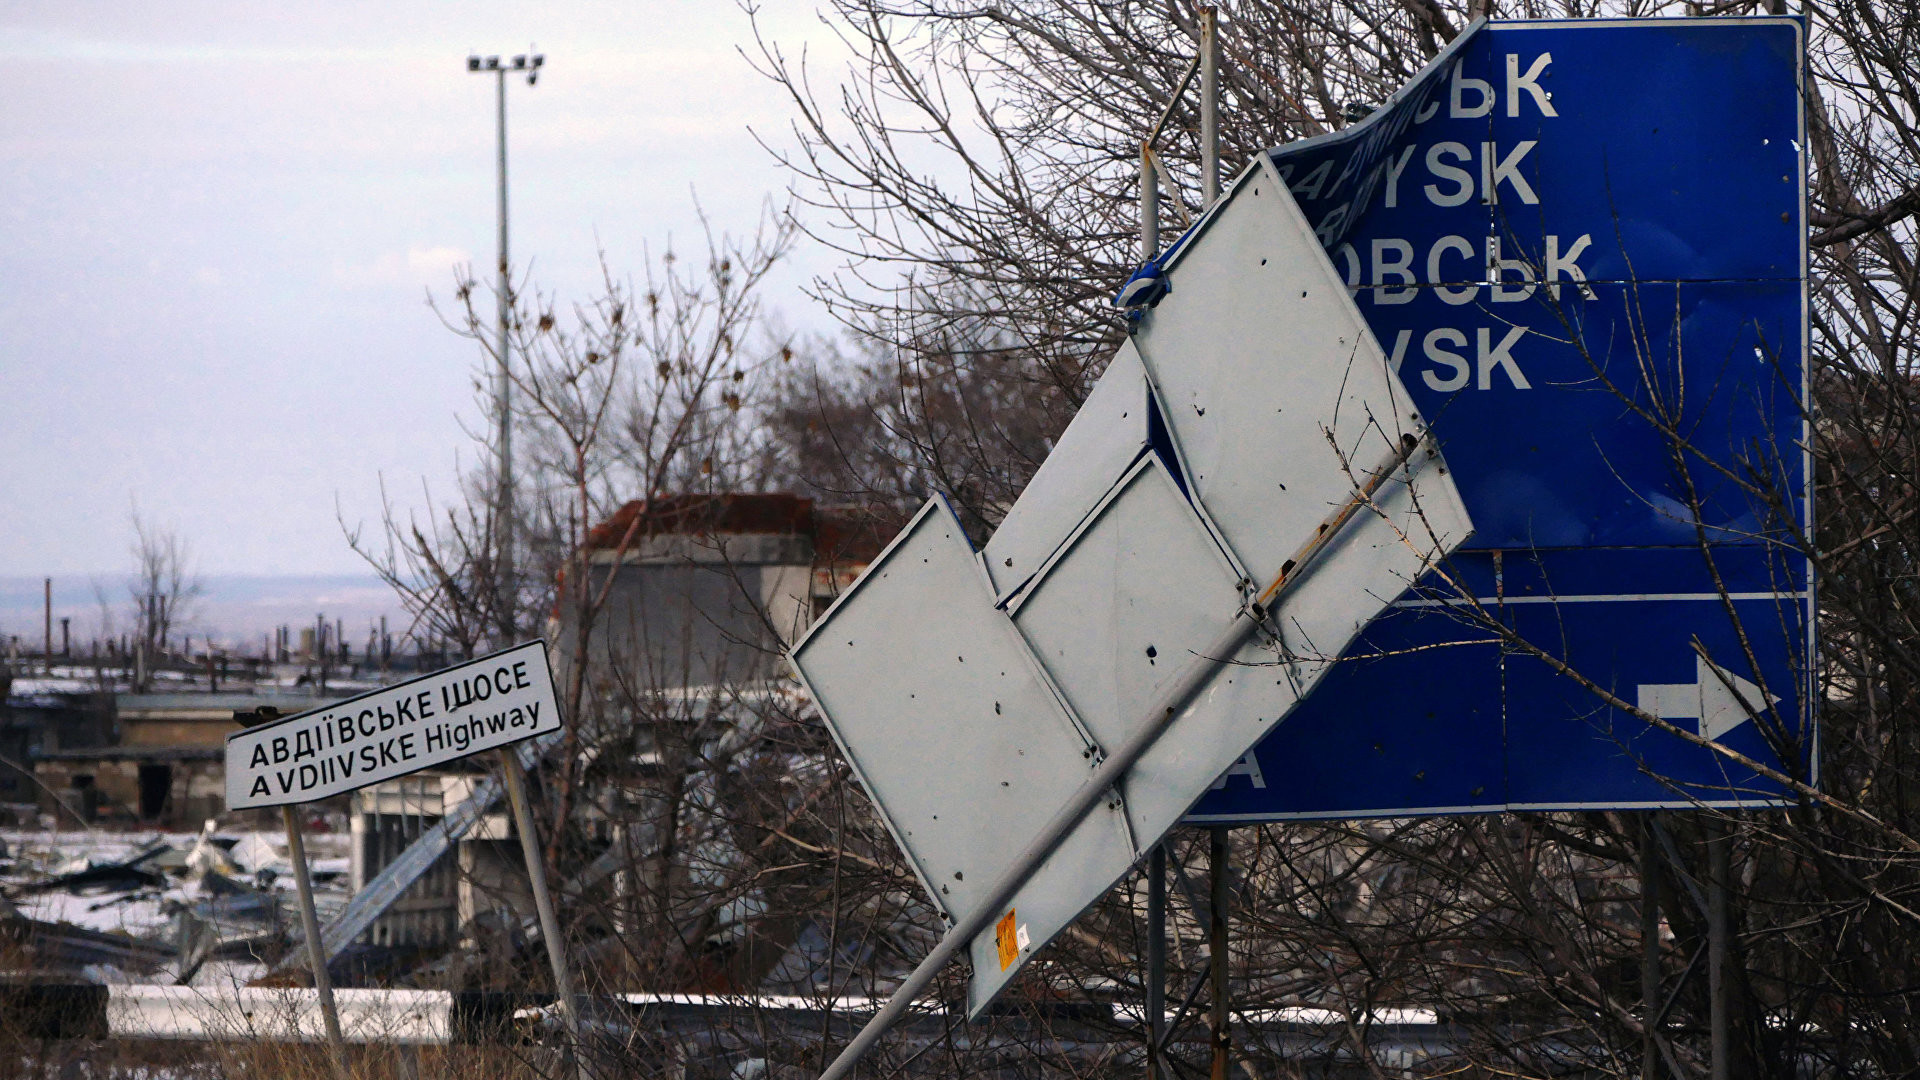 Евро идут на восток: ЕС потратит €50 млн на децентрализацию Украины и возврат республик Донбасса в её состав